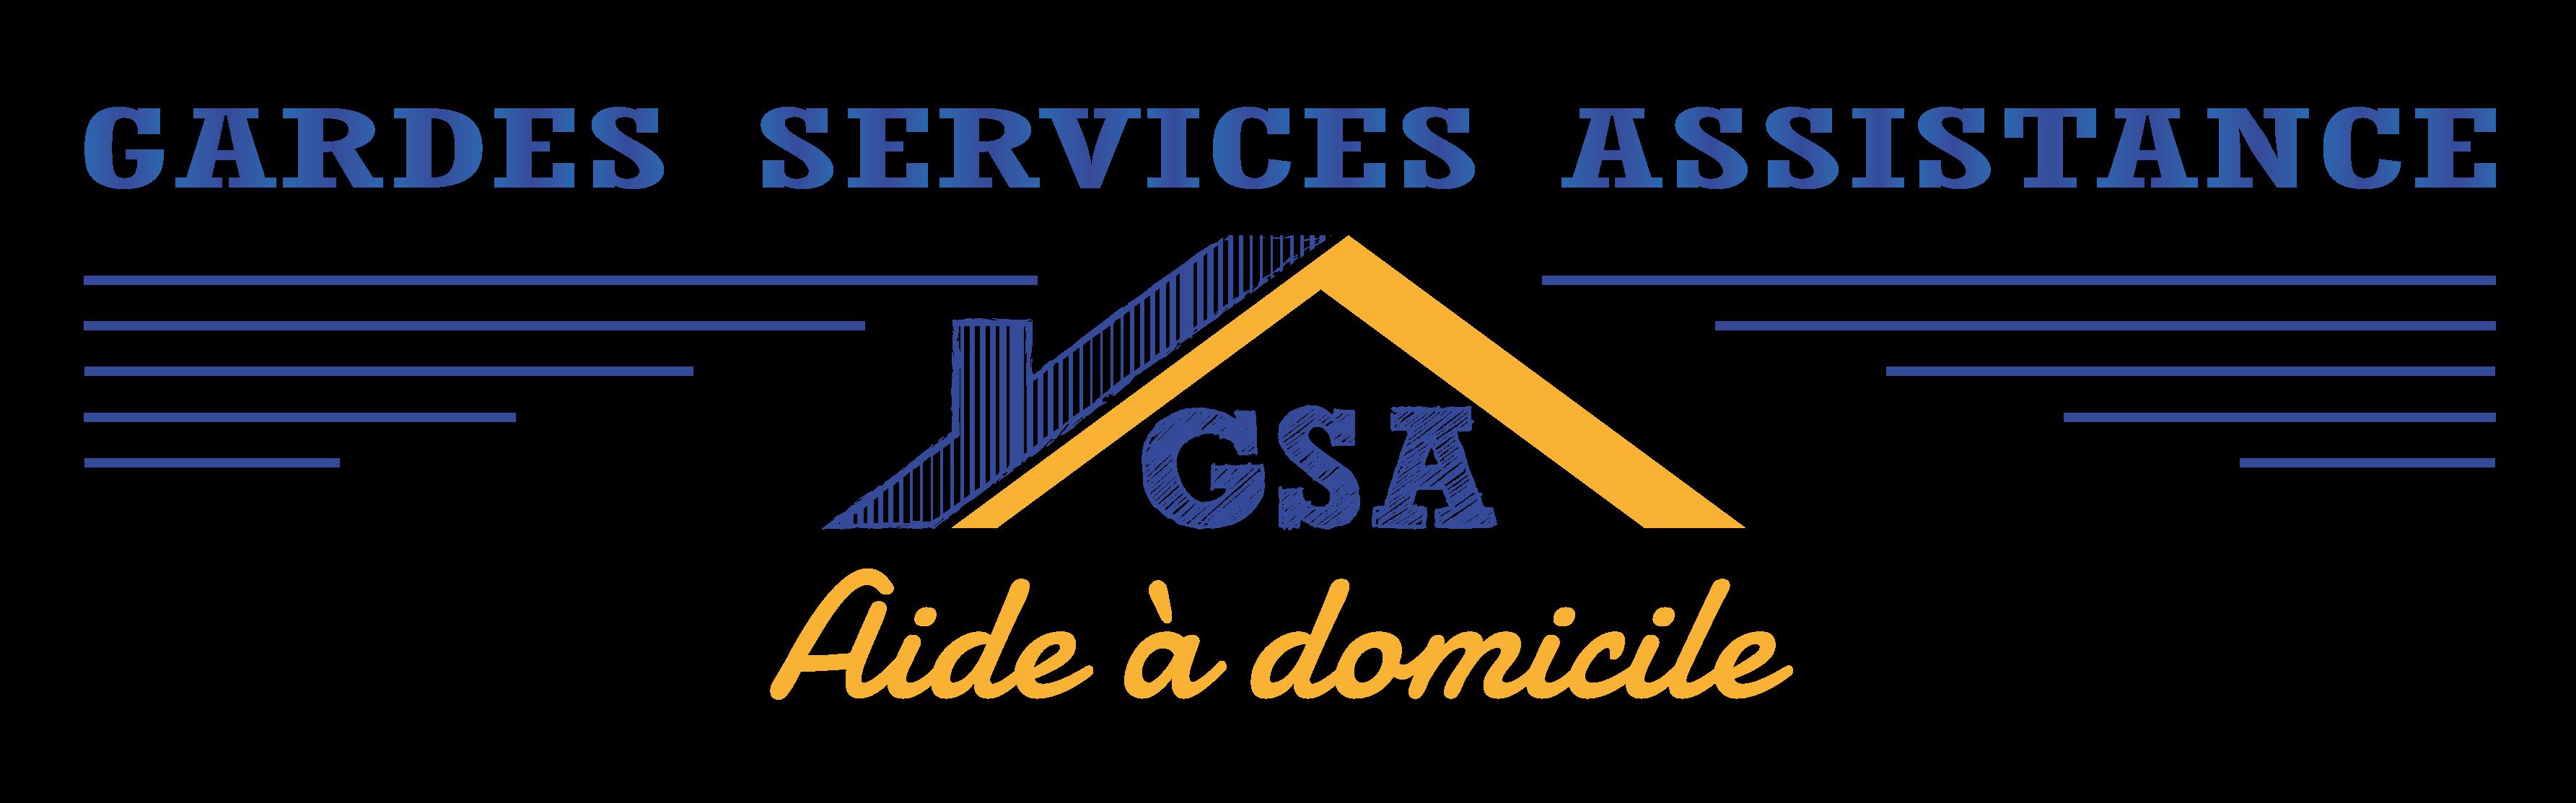 Gardes Services Assistance